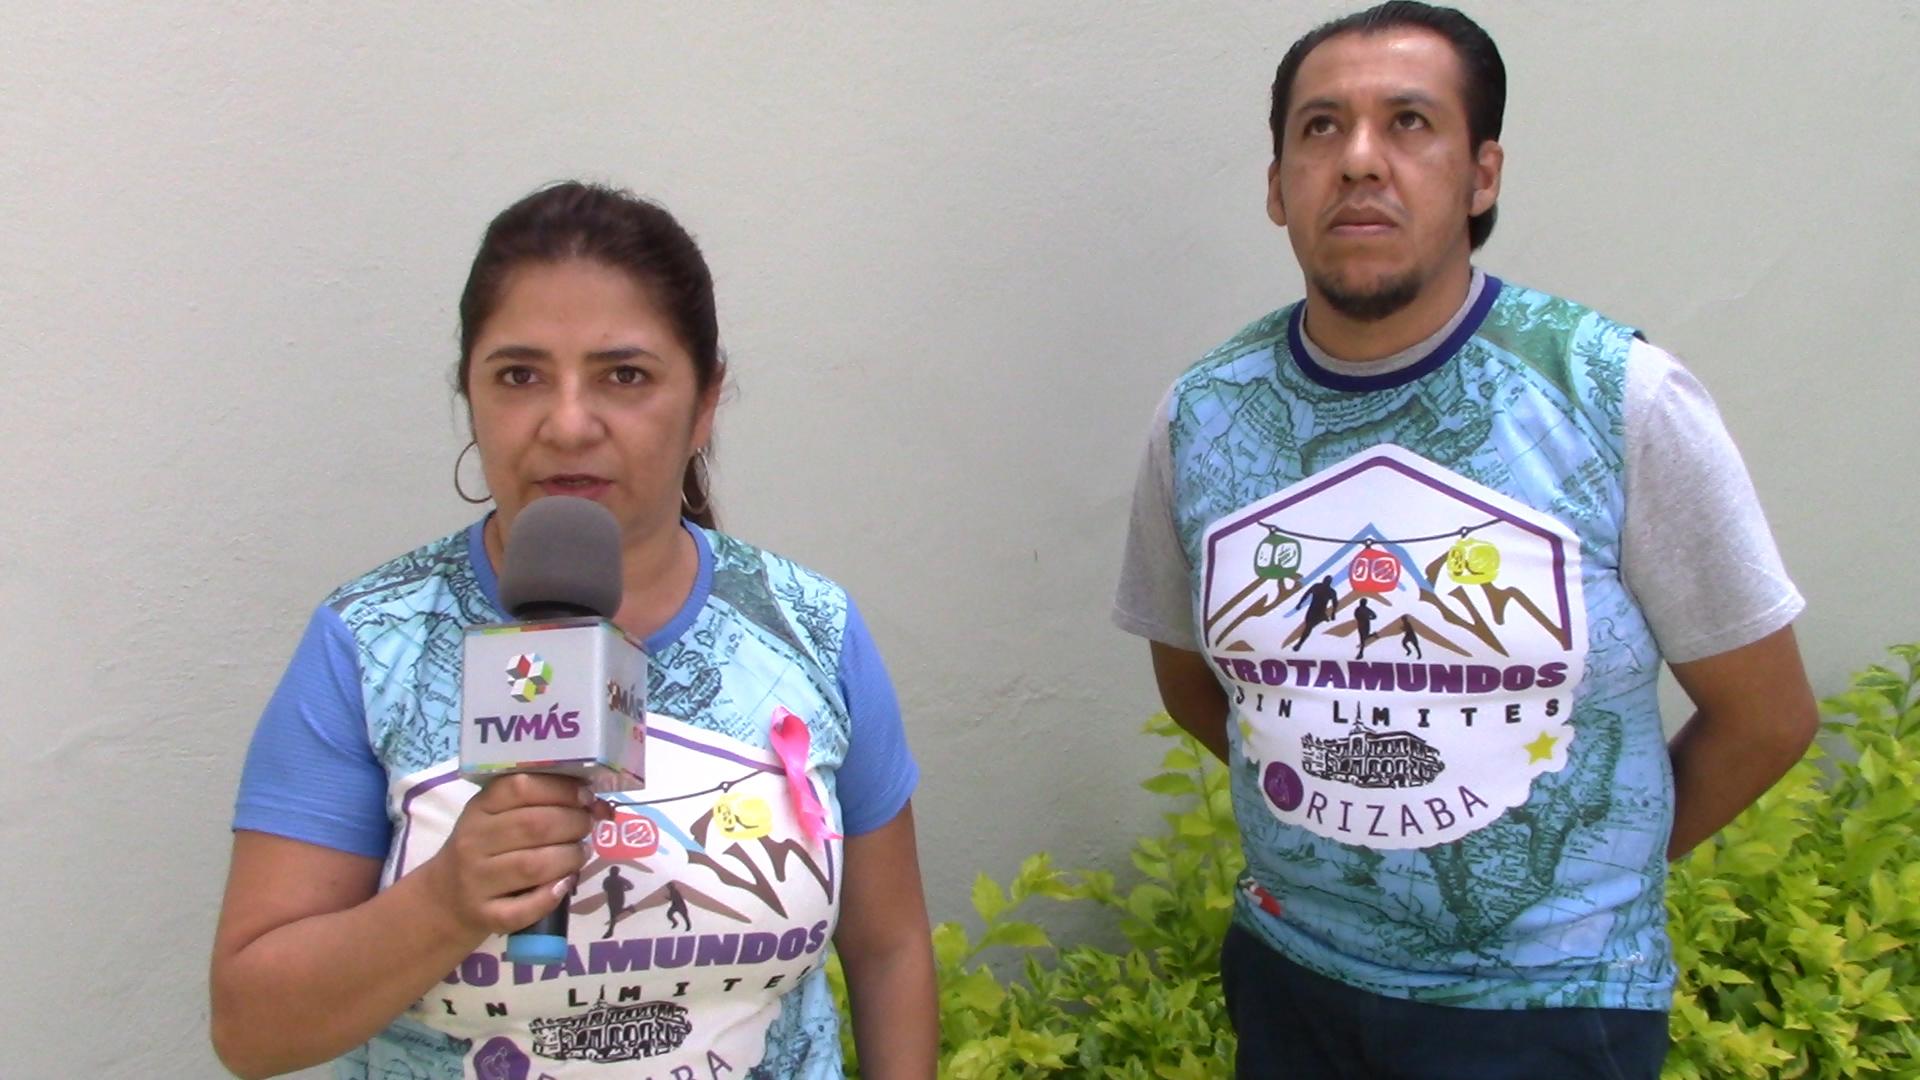 El Club Trotamundos sin límites, en espera de realizar su carrera para discapacitados